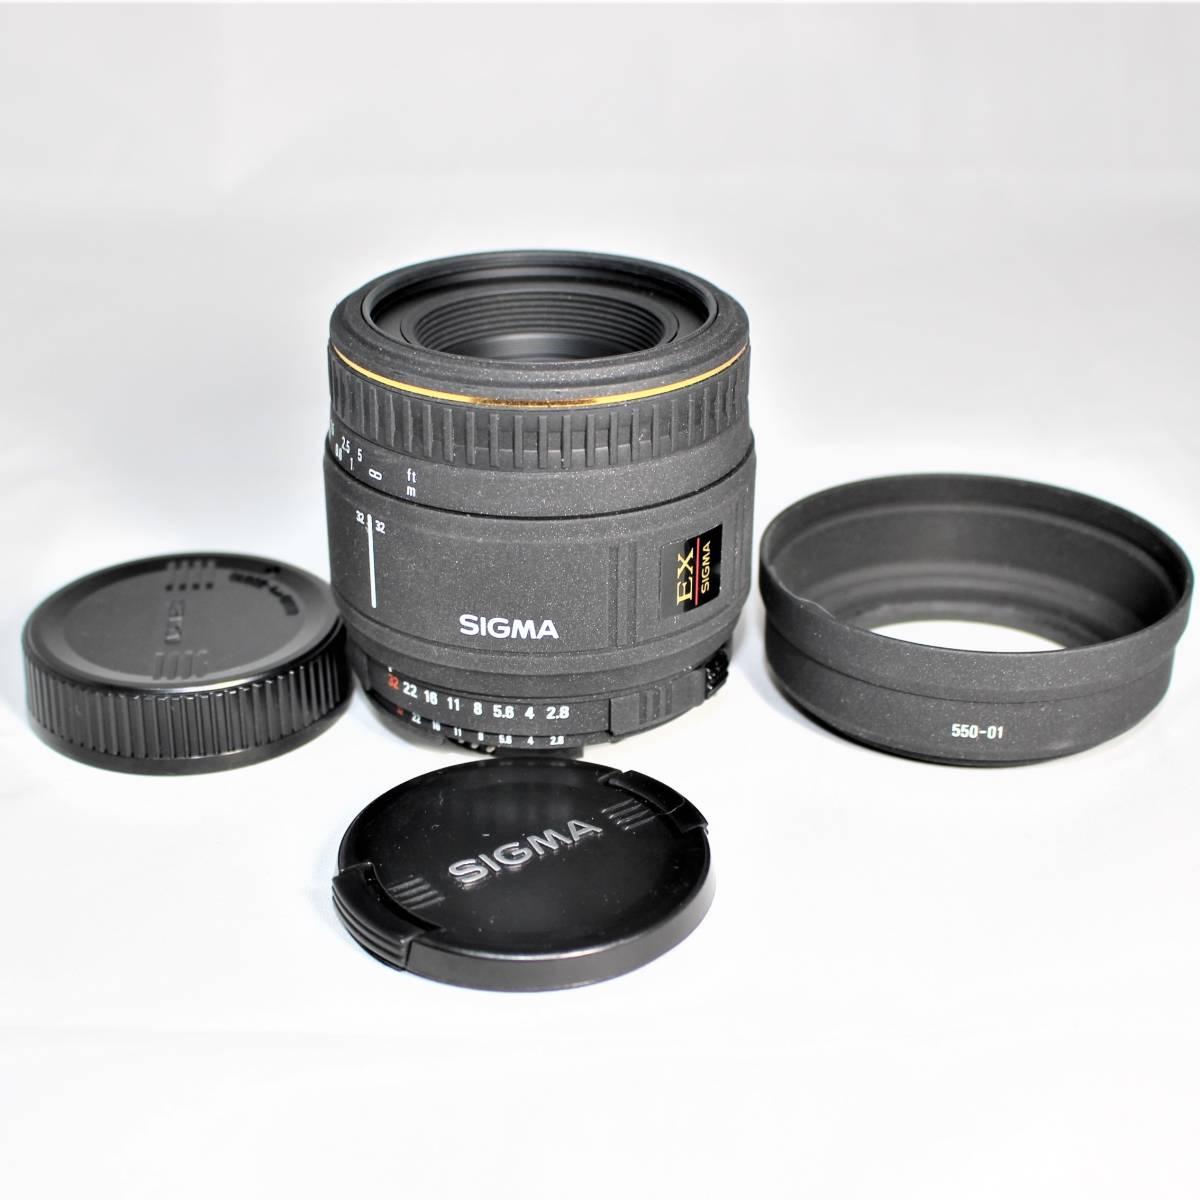 シグマ AF 50mm F2.8 D EX MACRO ニコン用